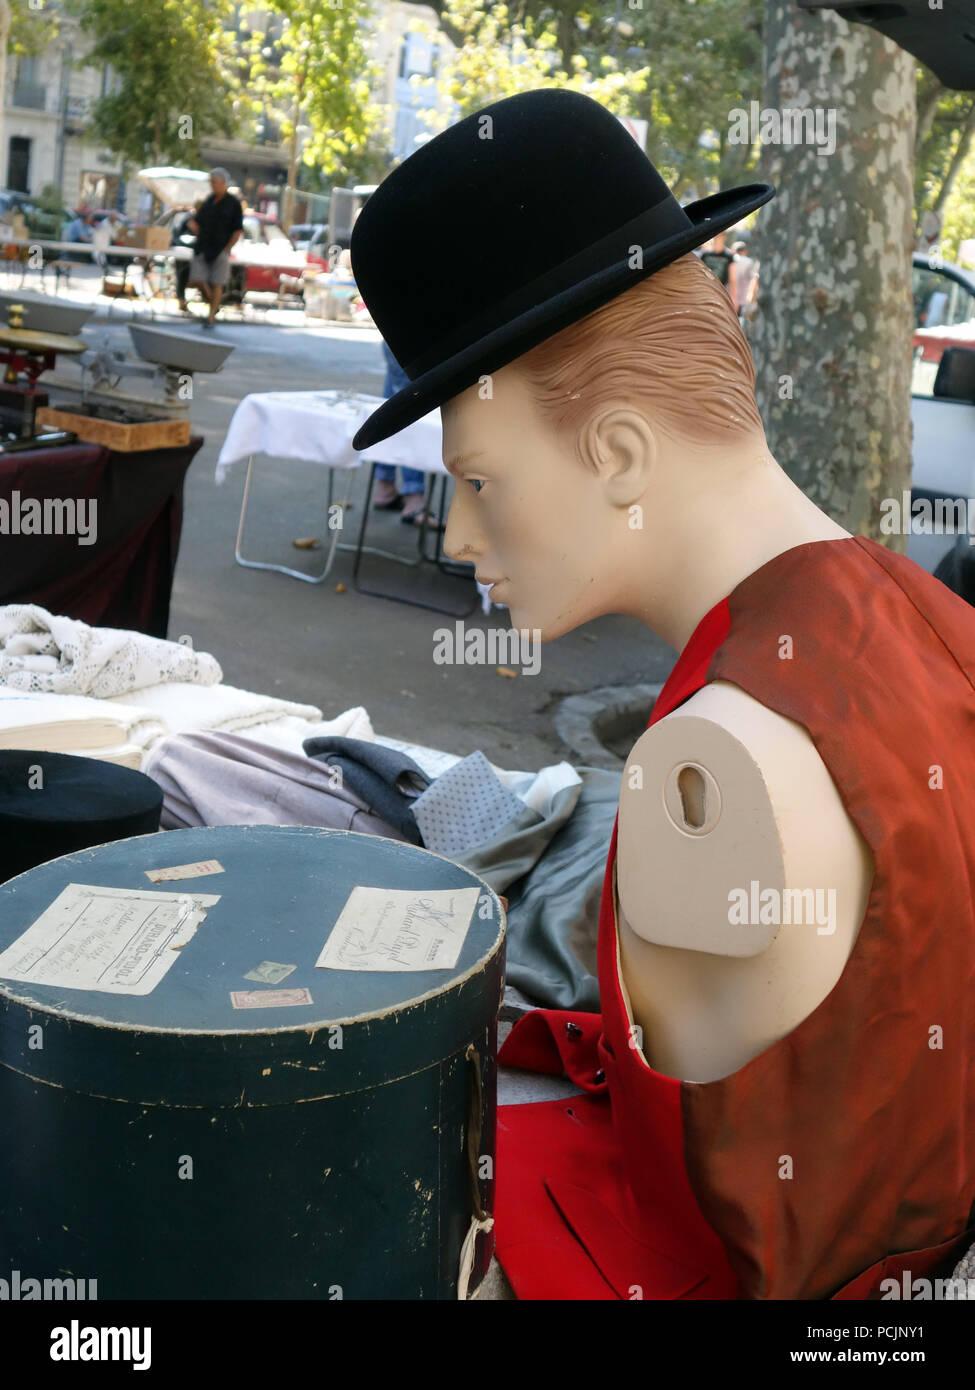 Sombrero sobre un maniquí para la venta en un caluroso día de verano  soleado en el d1dd26136c0